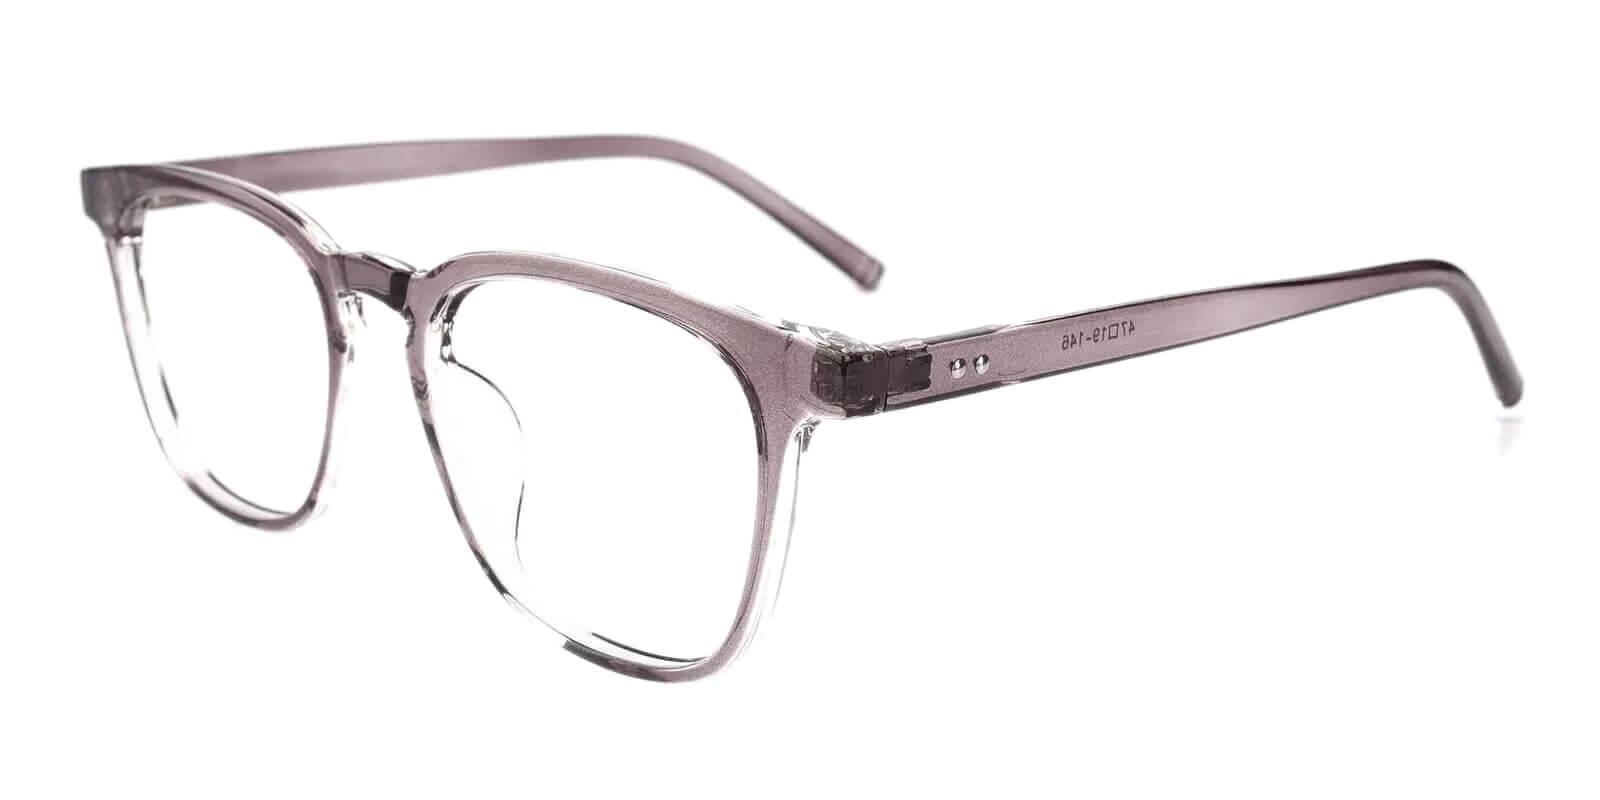 Zaire Purple TR UniversalBridgeFit , Eyeglasses Frames from ABBE Glasses